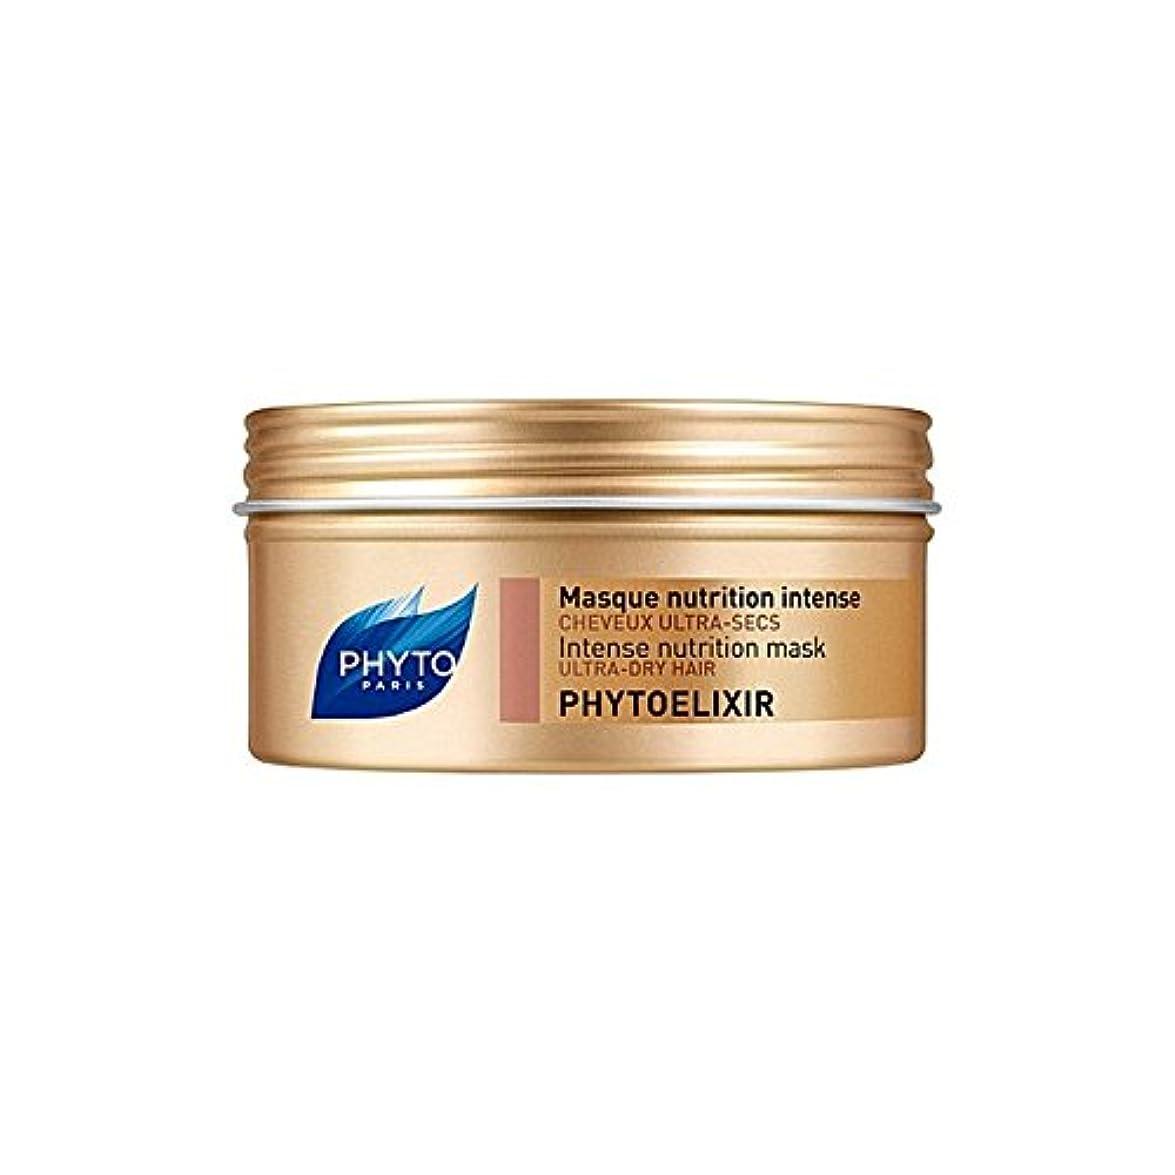 悪質なダブルお手入れフィトの強烈な栄養マスク x2 - Phyto Phytoelixir Intense Nutrition Mask (Pack of 2) [並行輸入品]